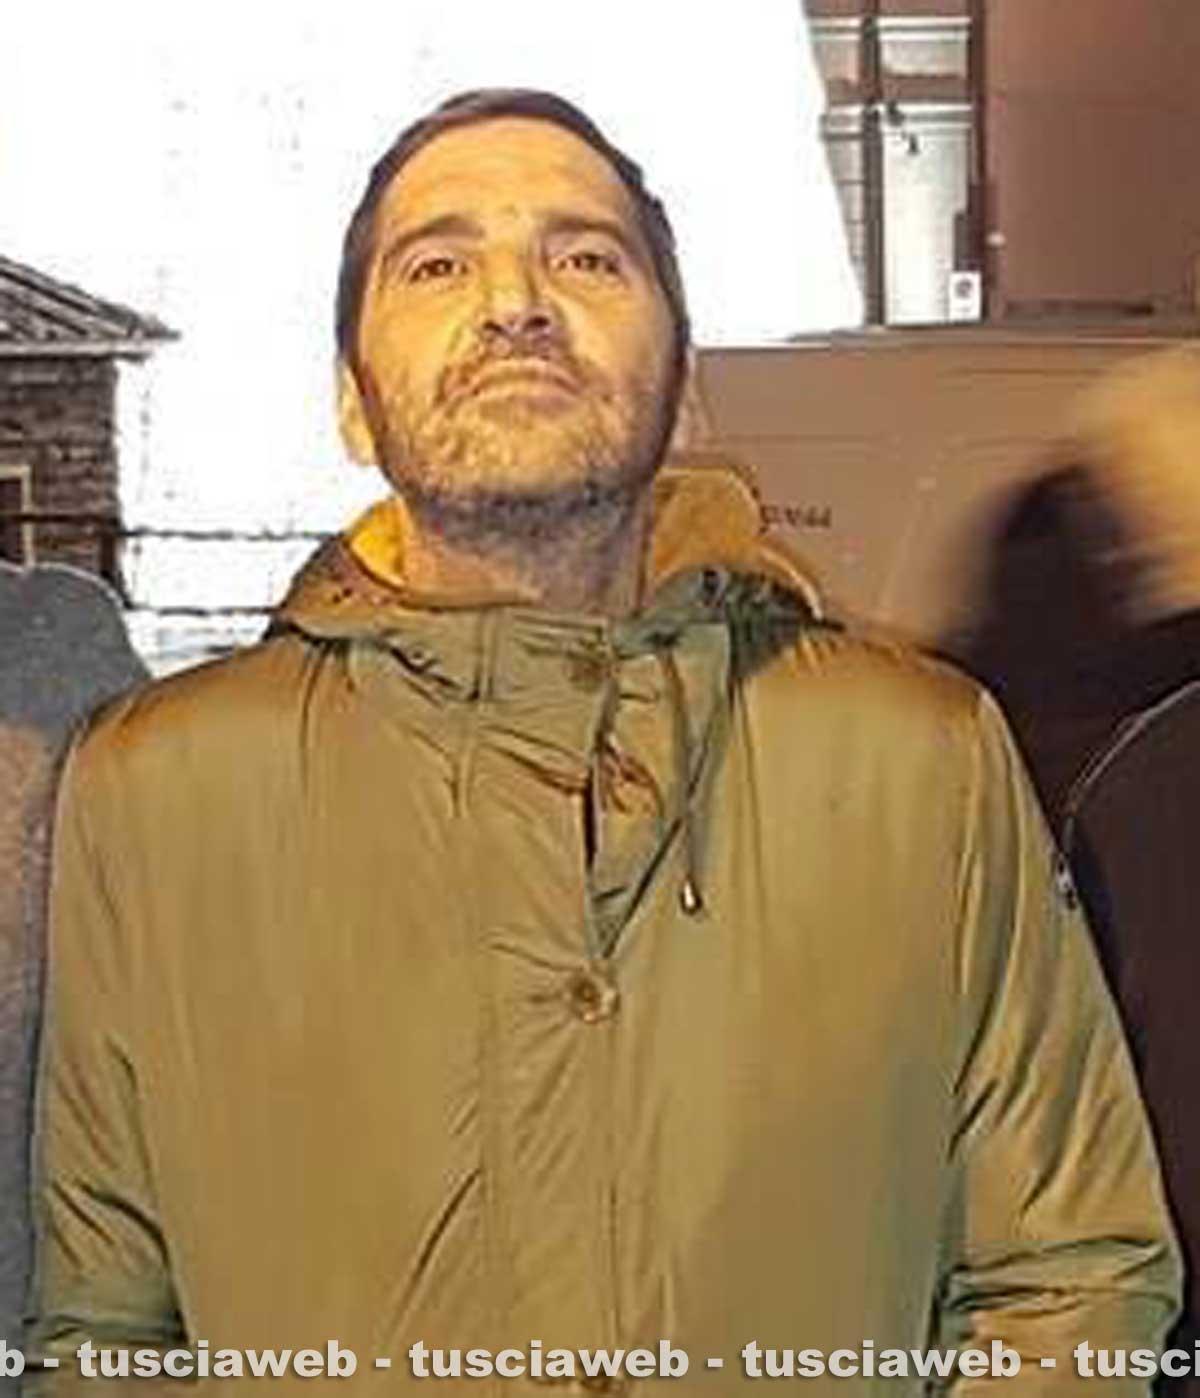 'Manfredi' di Suburra, ubriaco, distrugge un Hotel e aggredisce la compagna